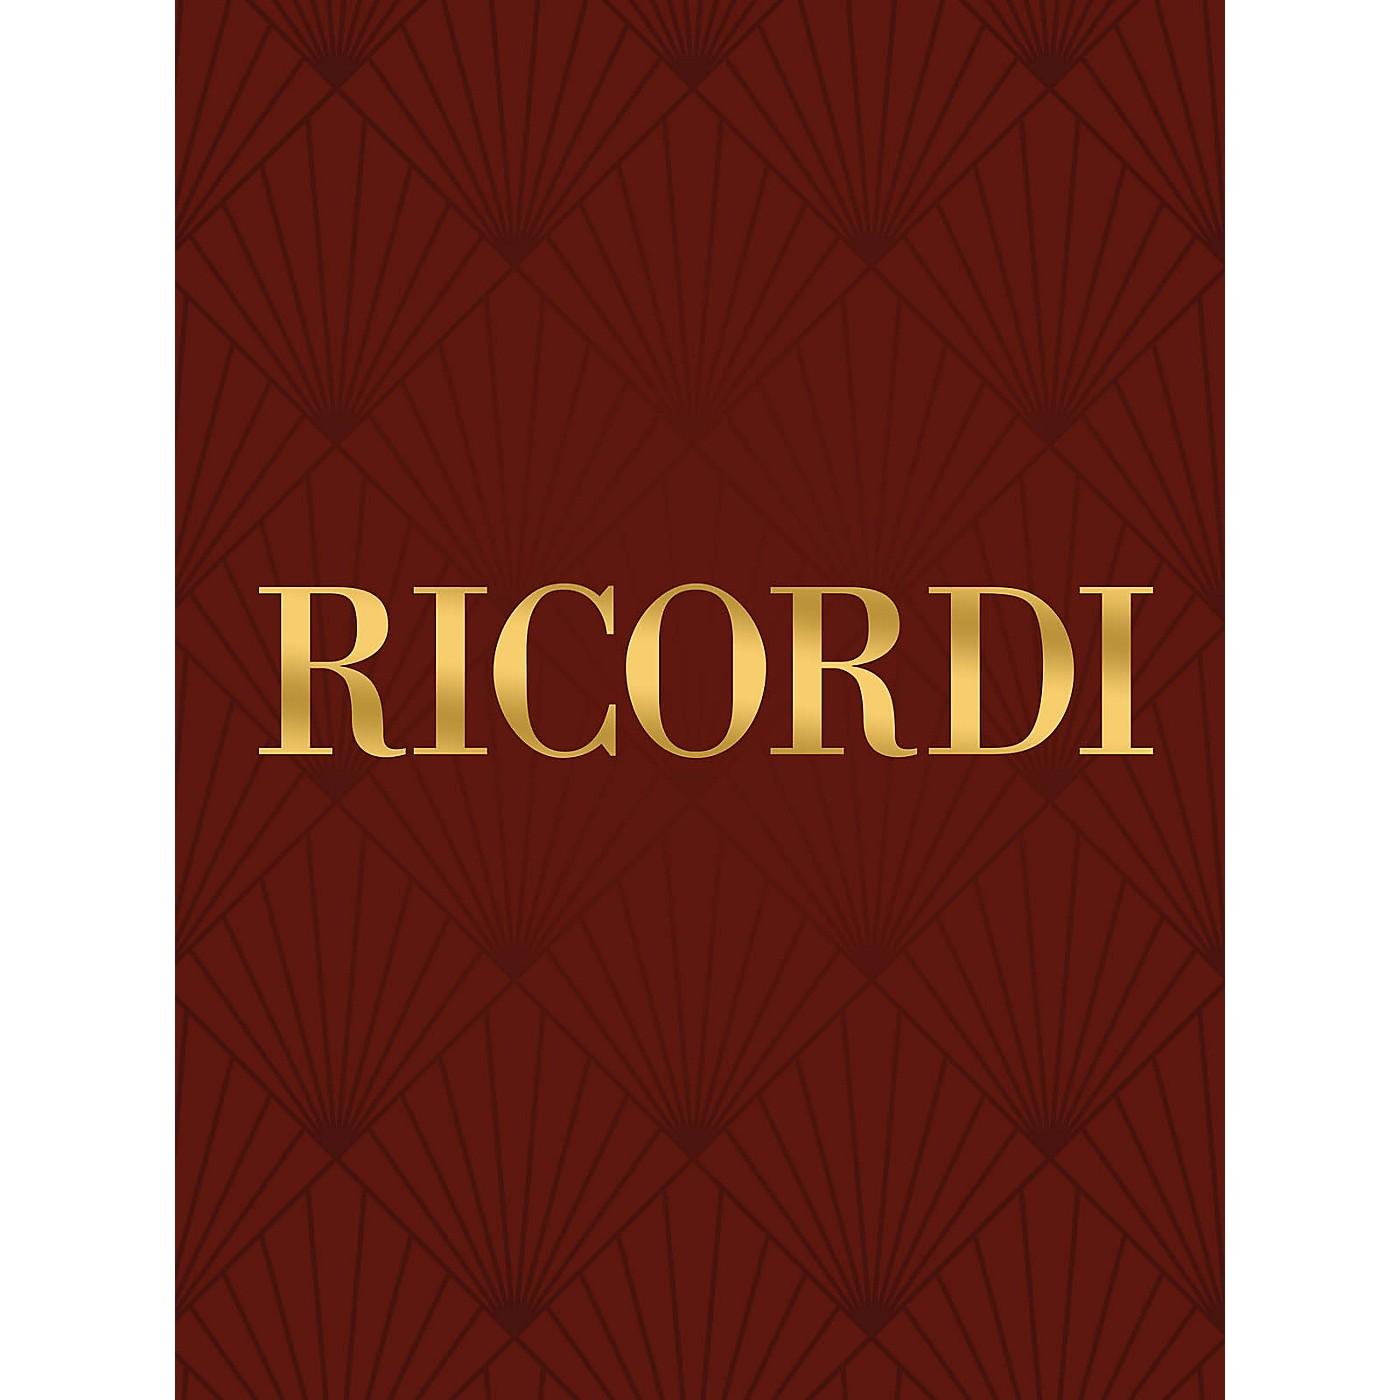 Ricordi Cantate per Soprano - Volume 1 Vocal Collection Series Composed by Antonio Vivaldi Edited by F Degrada thumbnail